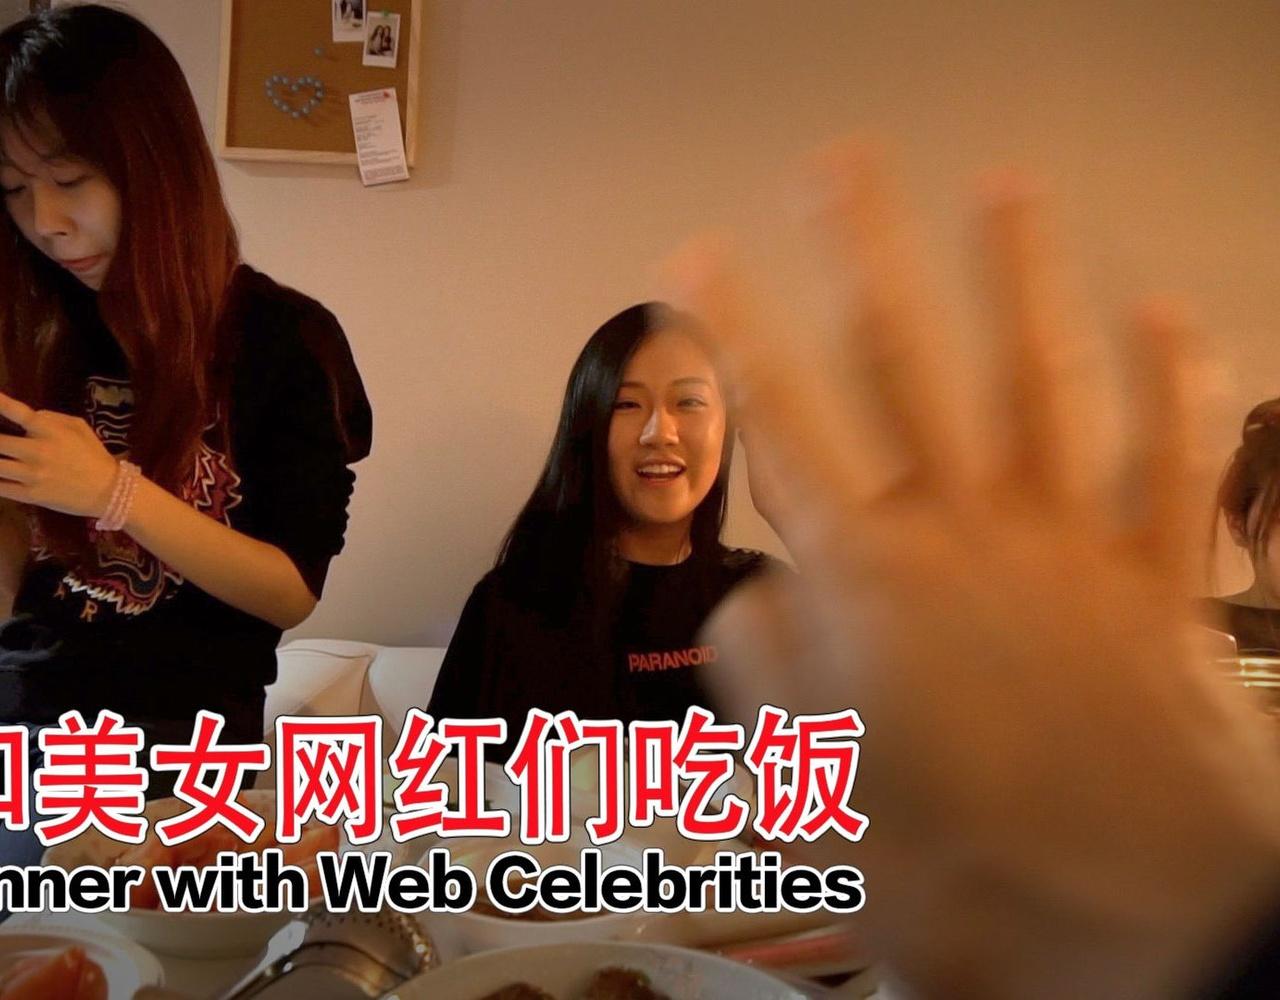 【米哥Vlog-348】和美女网红们吃火锅